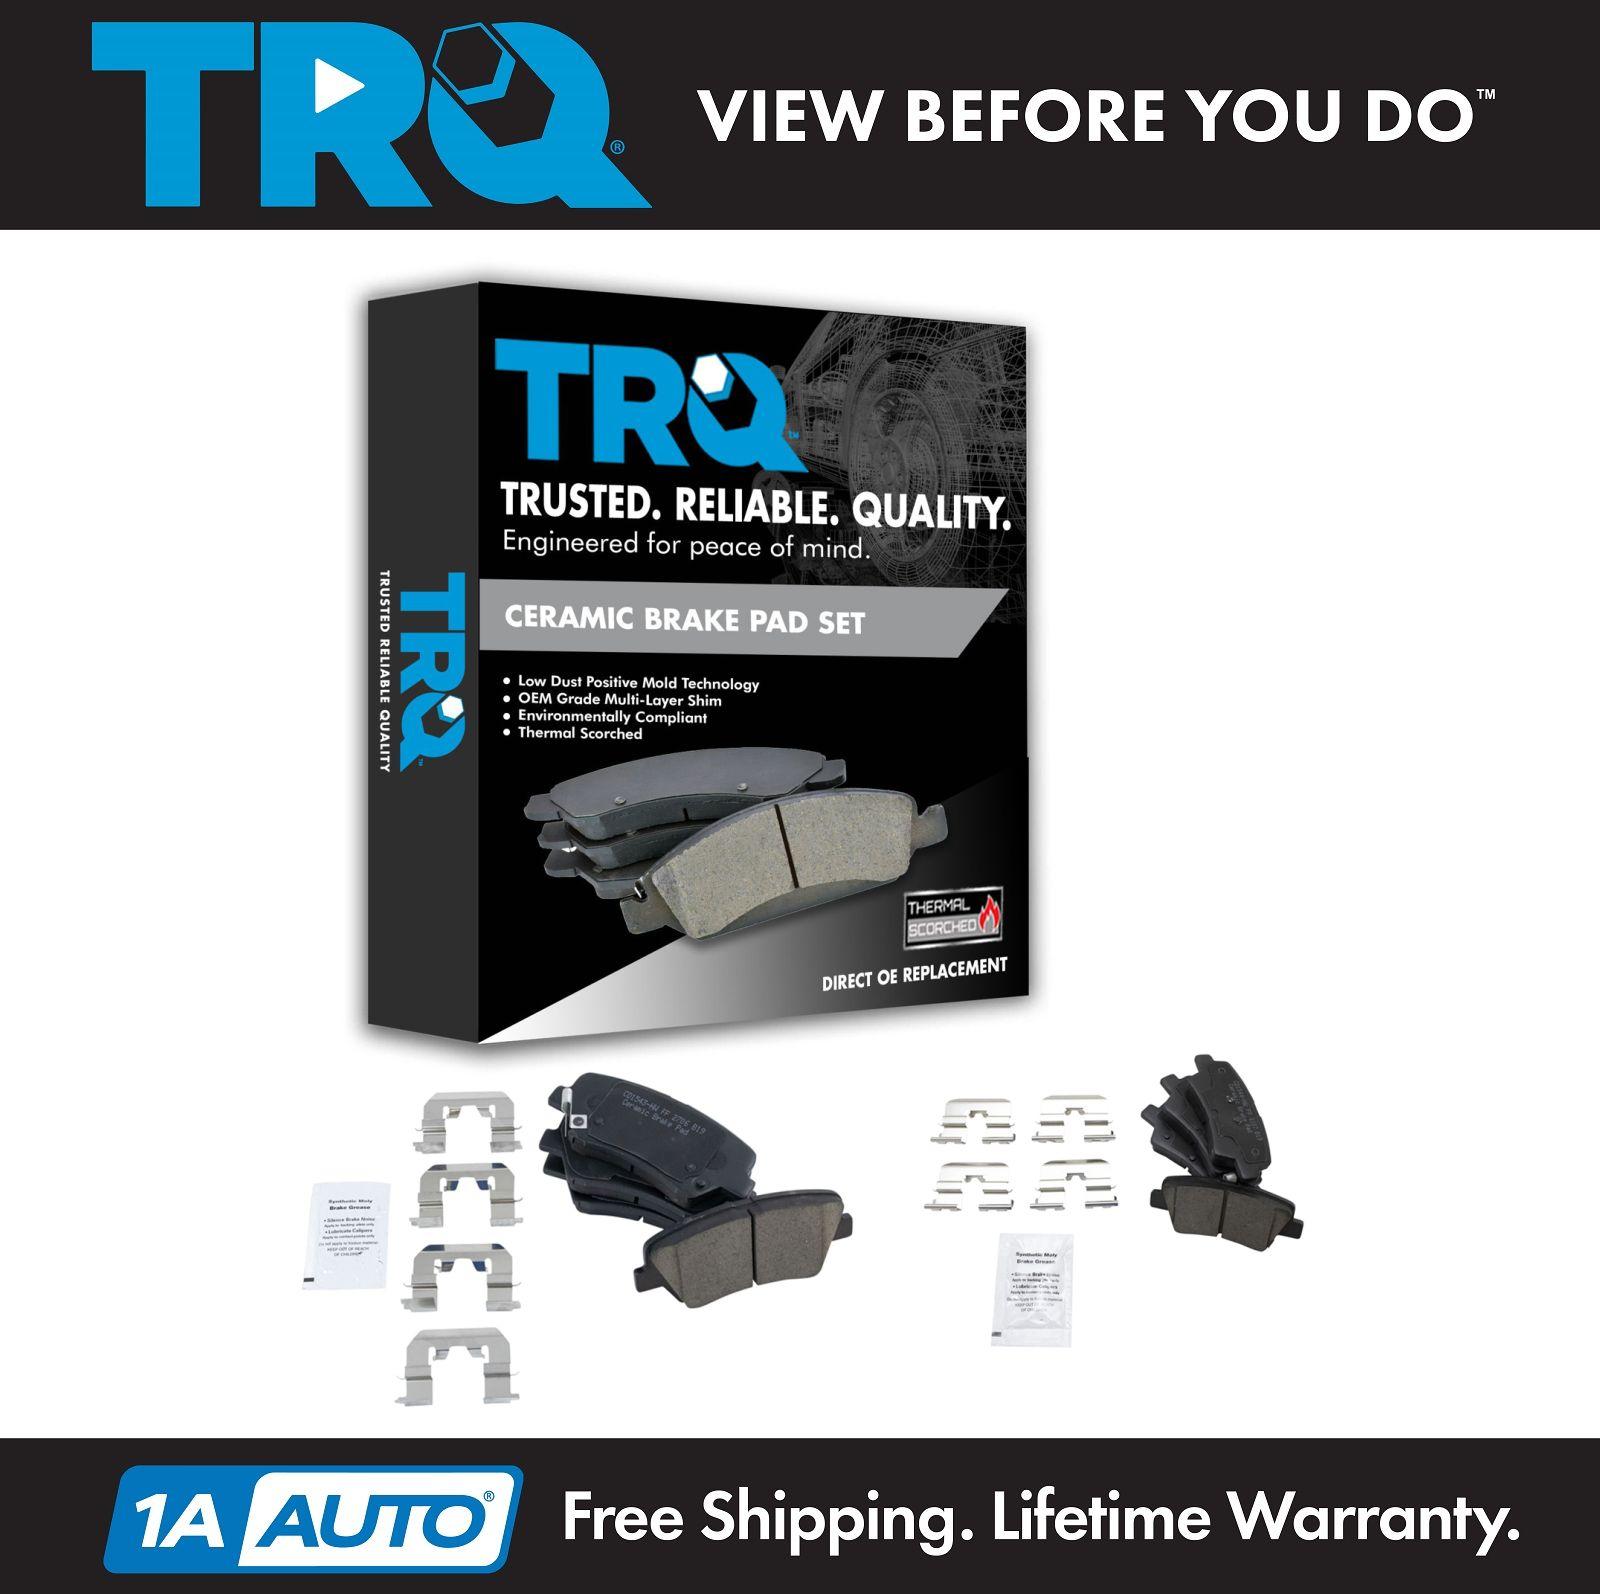 Details About Premium Posi Ceramic Brake Pad Front Rear Kit Set For Hyundai Elantra